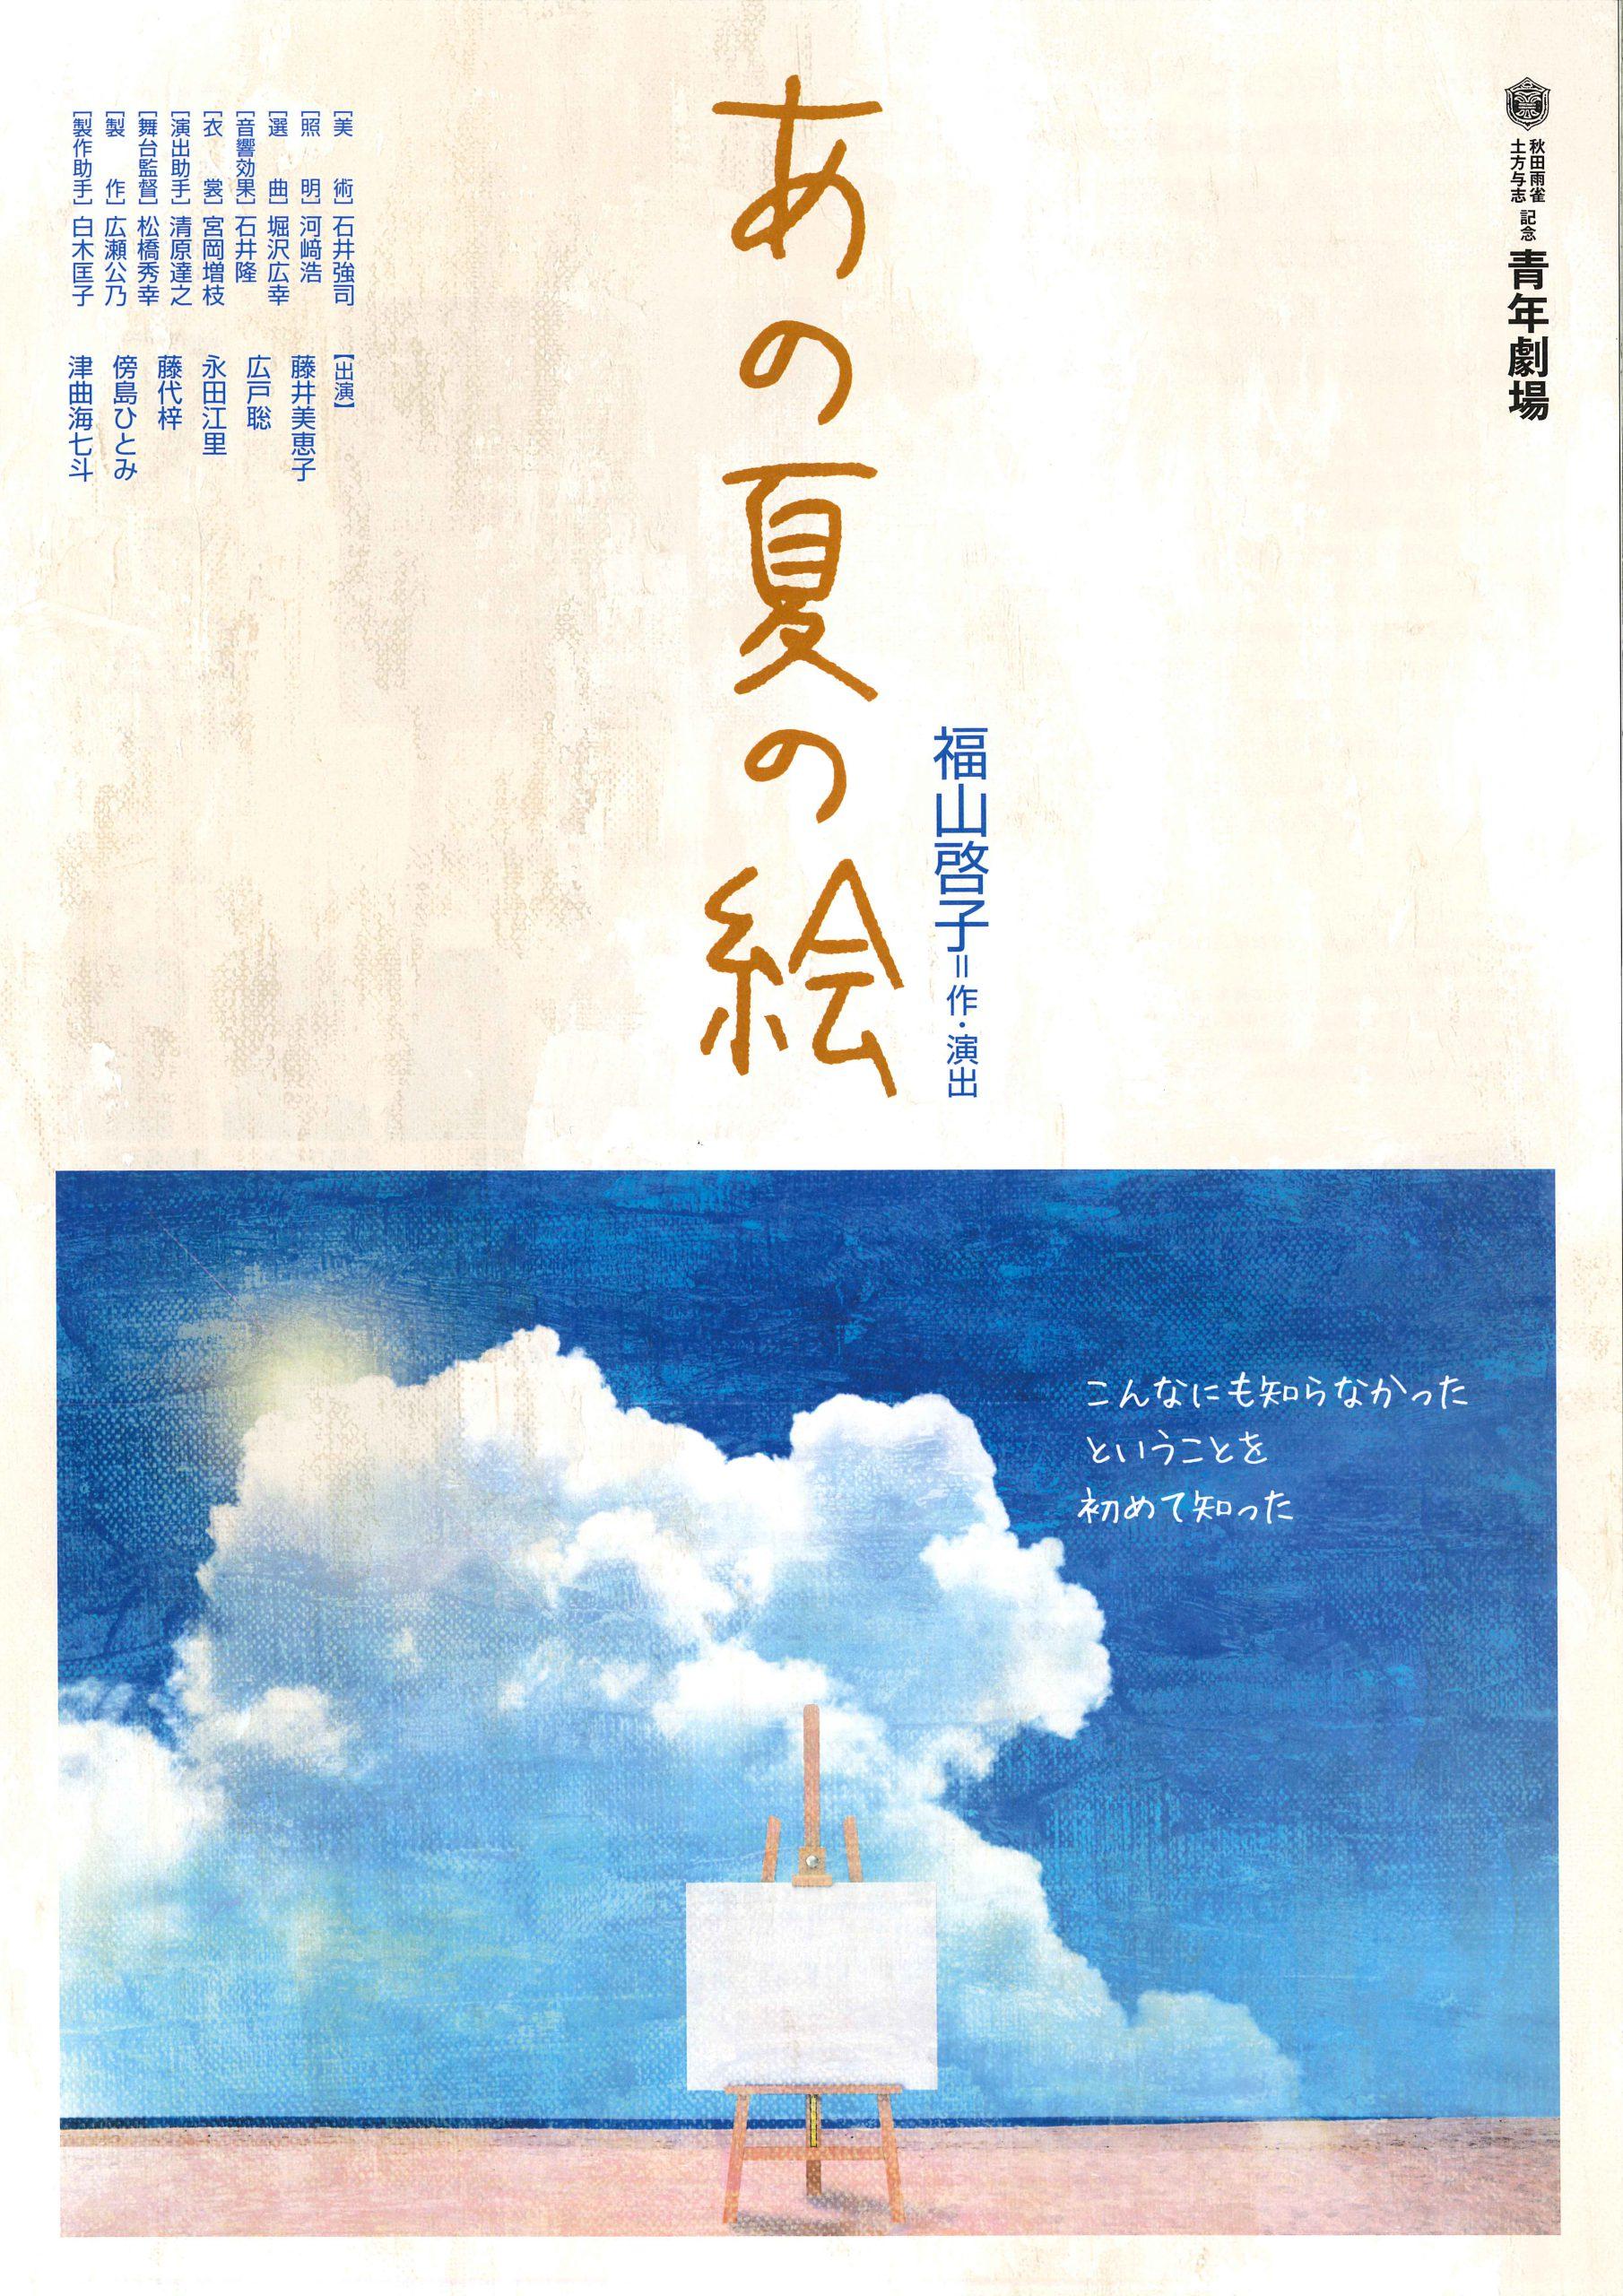 全国公演中の青年劇場『あの夏の絵』が和歌山で